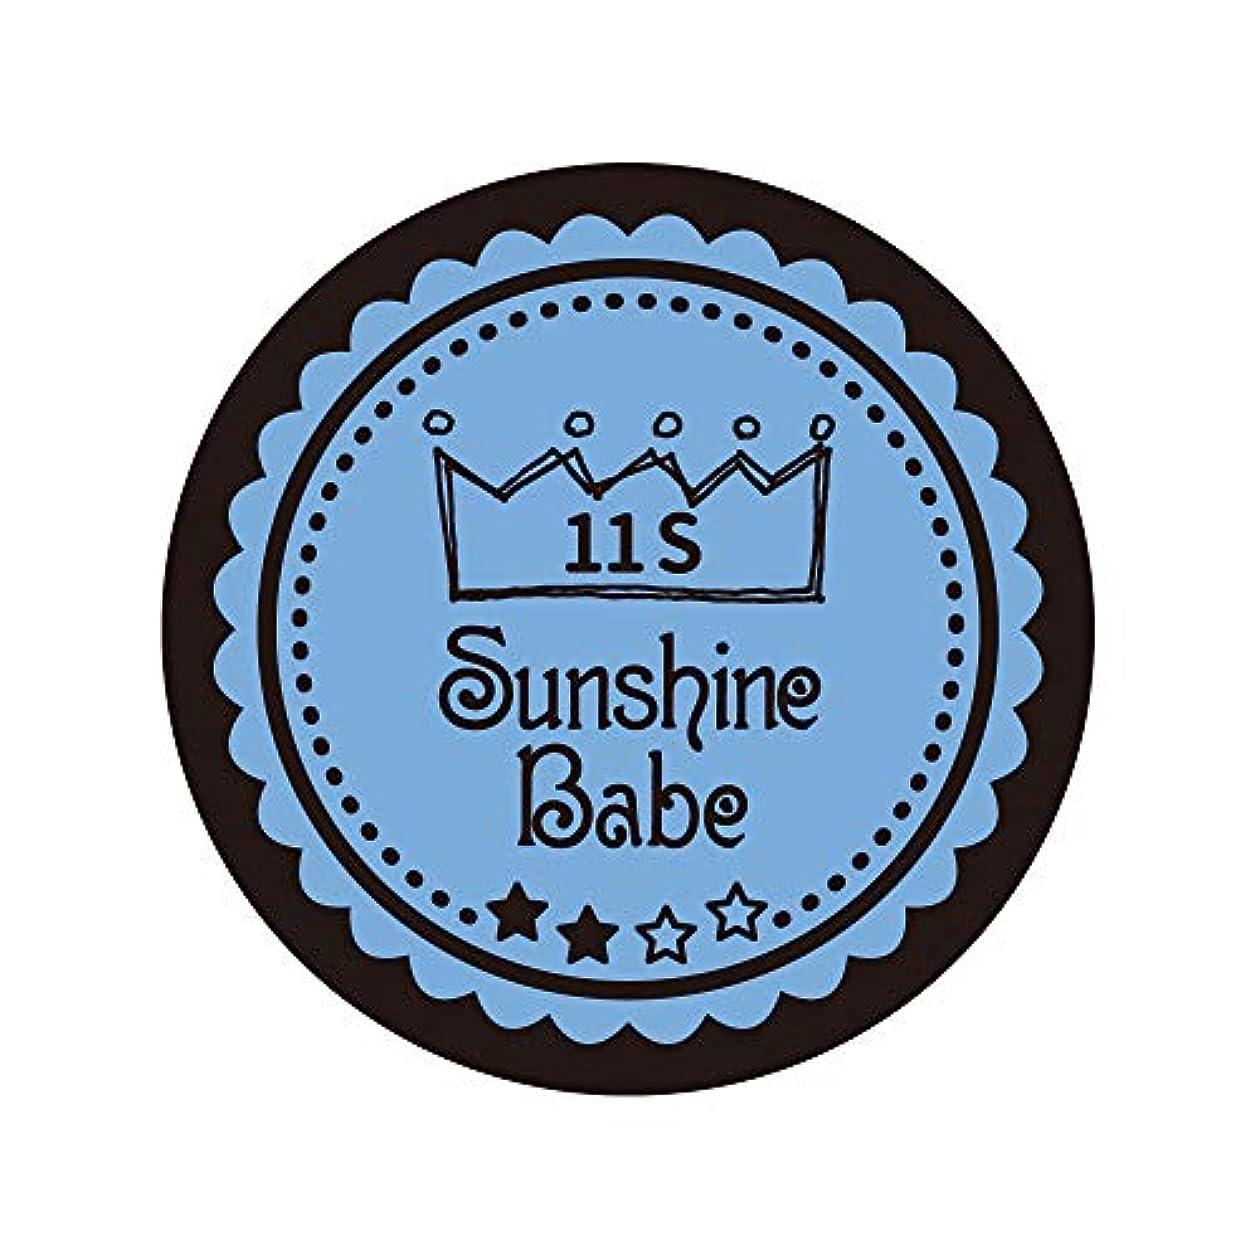 ジーンズ船酔いレーニン主義Sunshine Babe コスメティックカラー 11S リトルボーイブルー 4g UV/LED対応